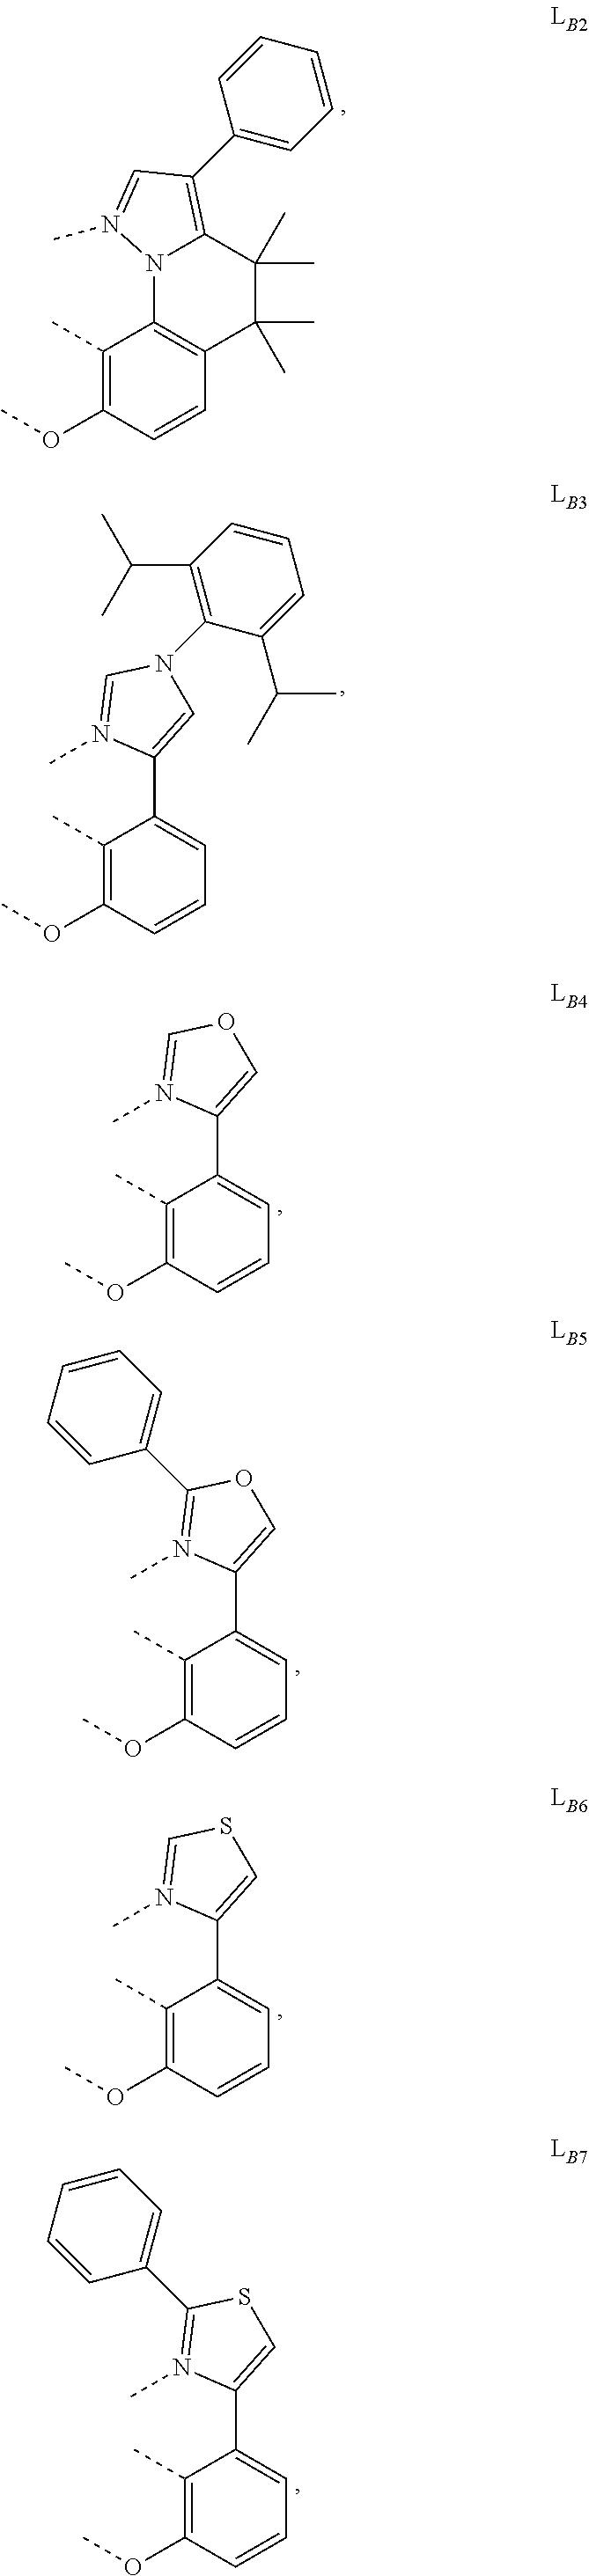 Figure US10301338-20190528-C00023